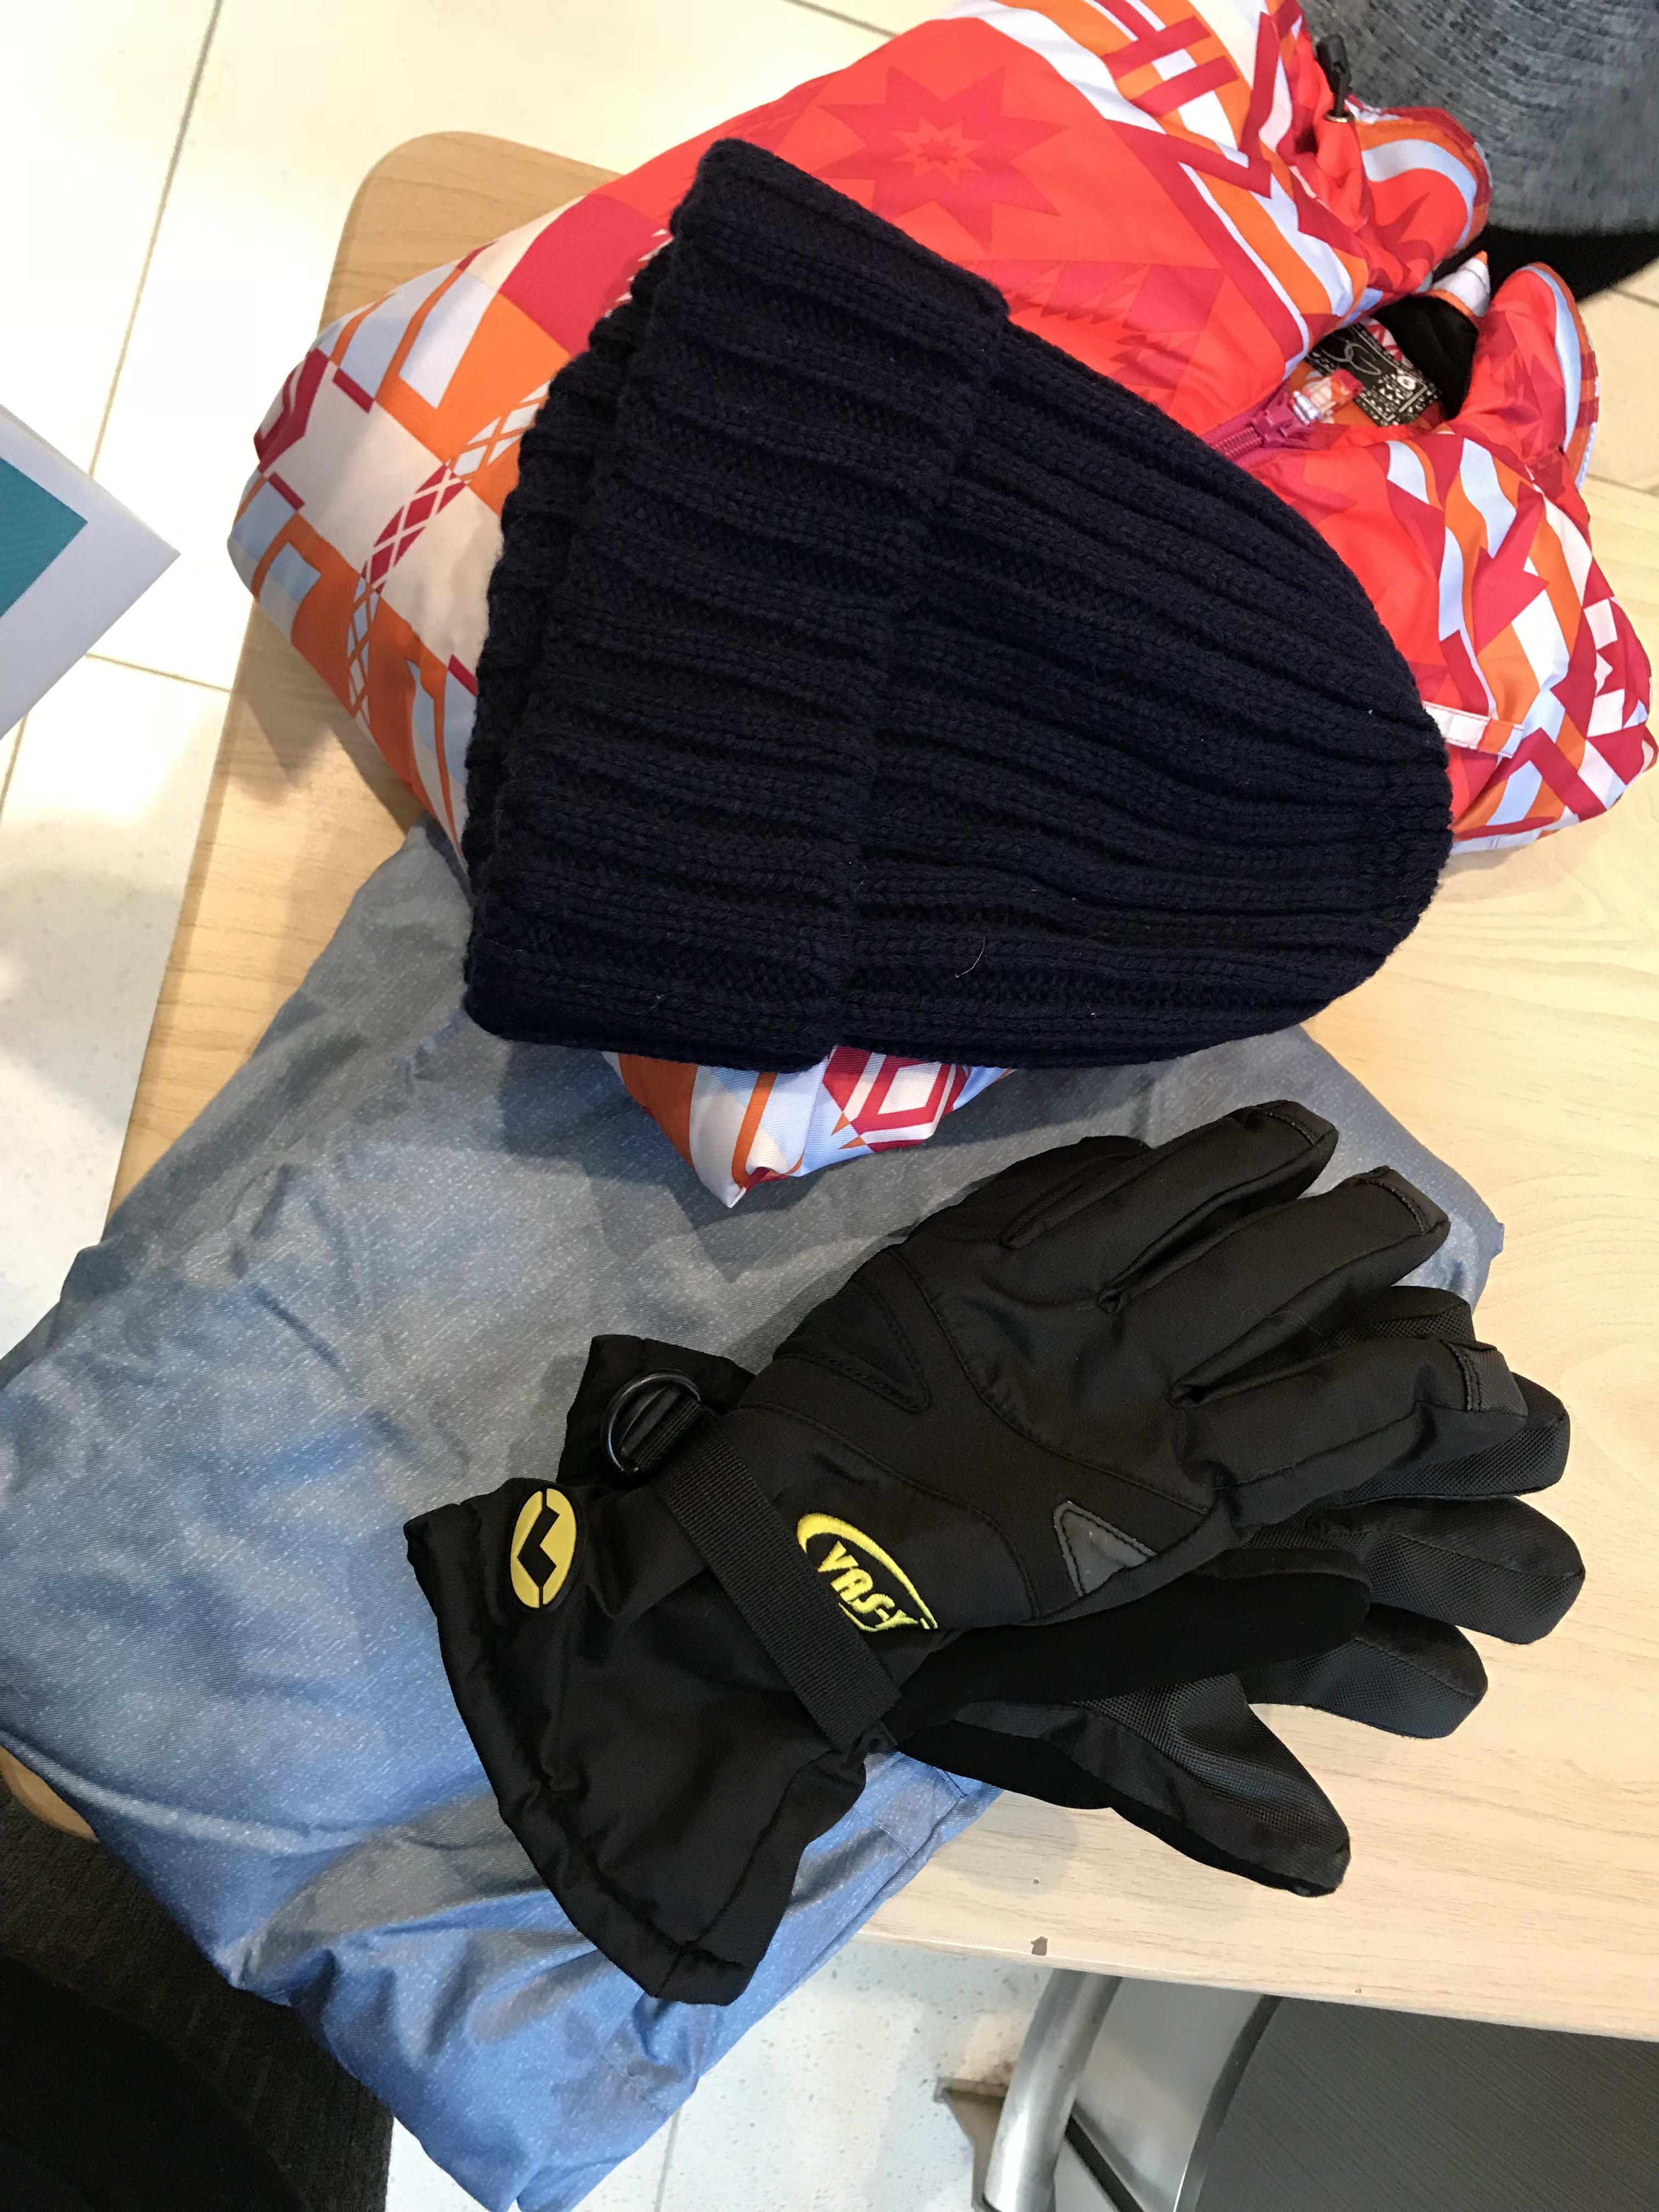 雪衣租借,包含毛帽、手套(不一定)、雪衣、雪褲,取自:Ann Shih。